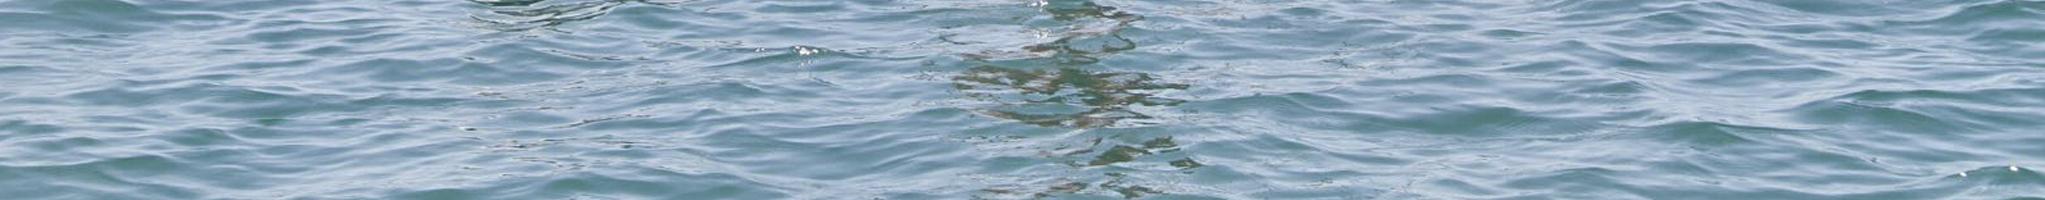 Pranchas Aquáticas